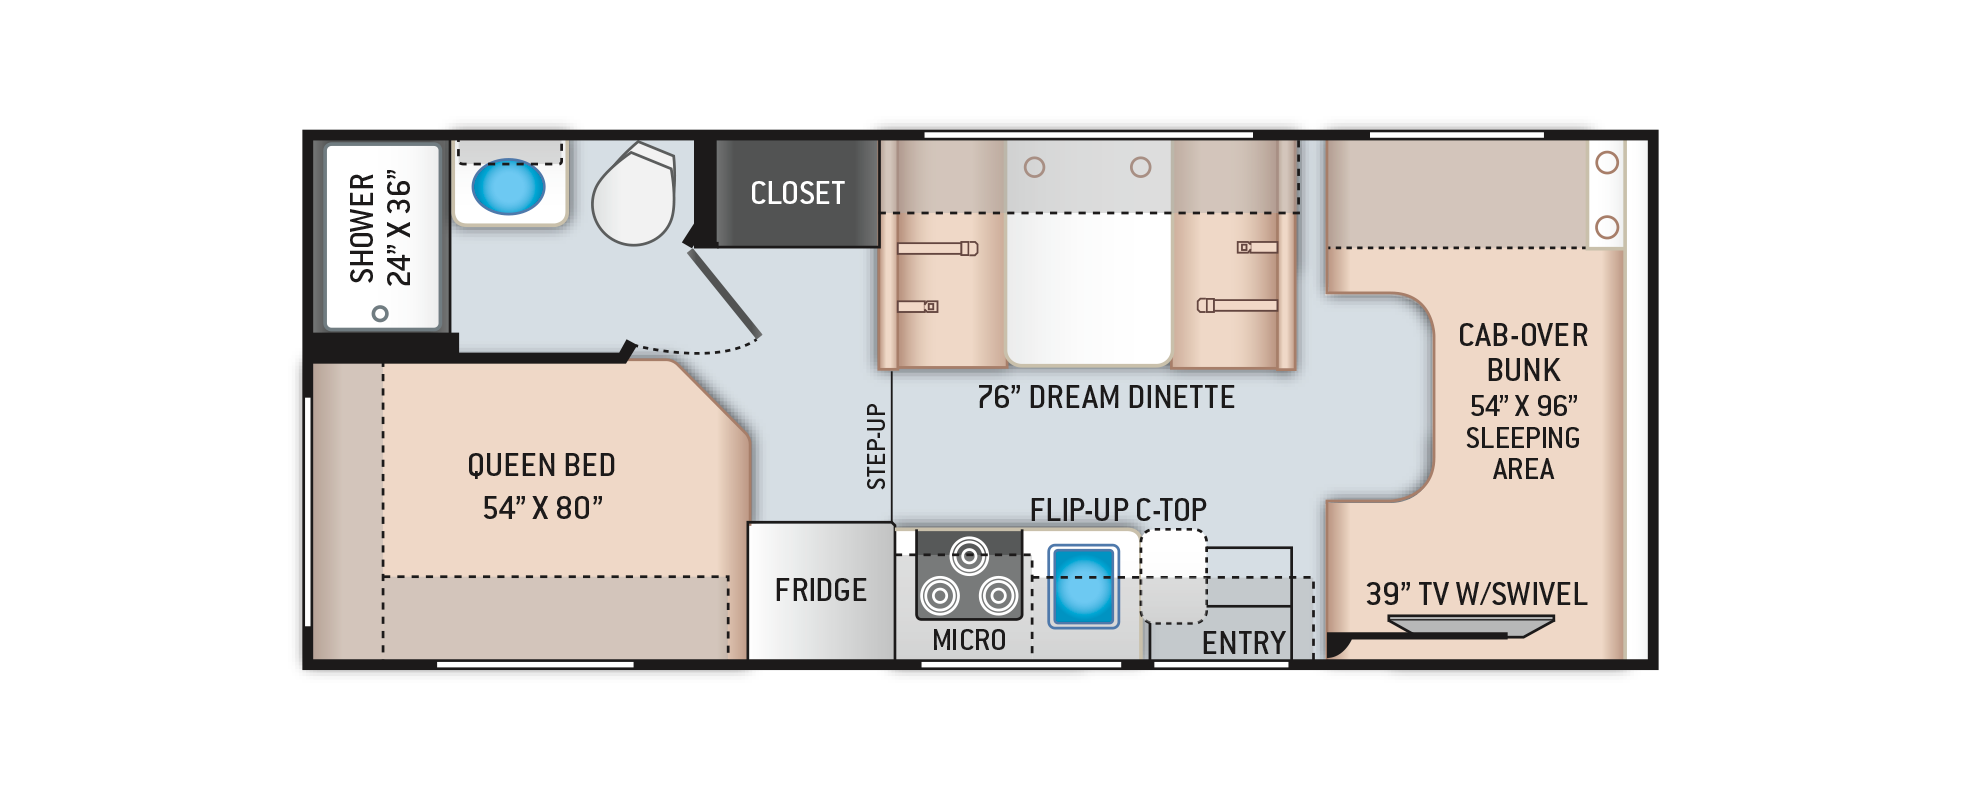 Freedom Elite Class C RV 22HE Floor Plan